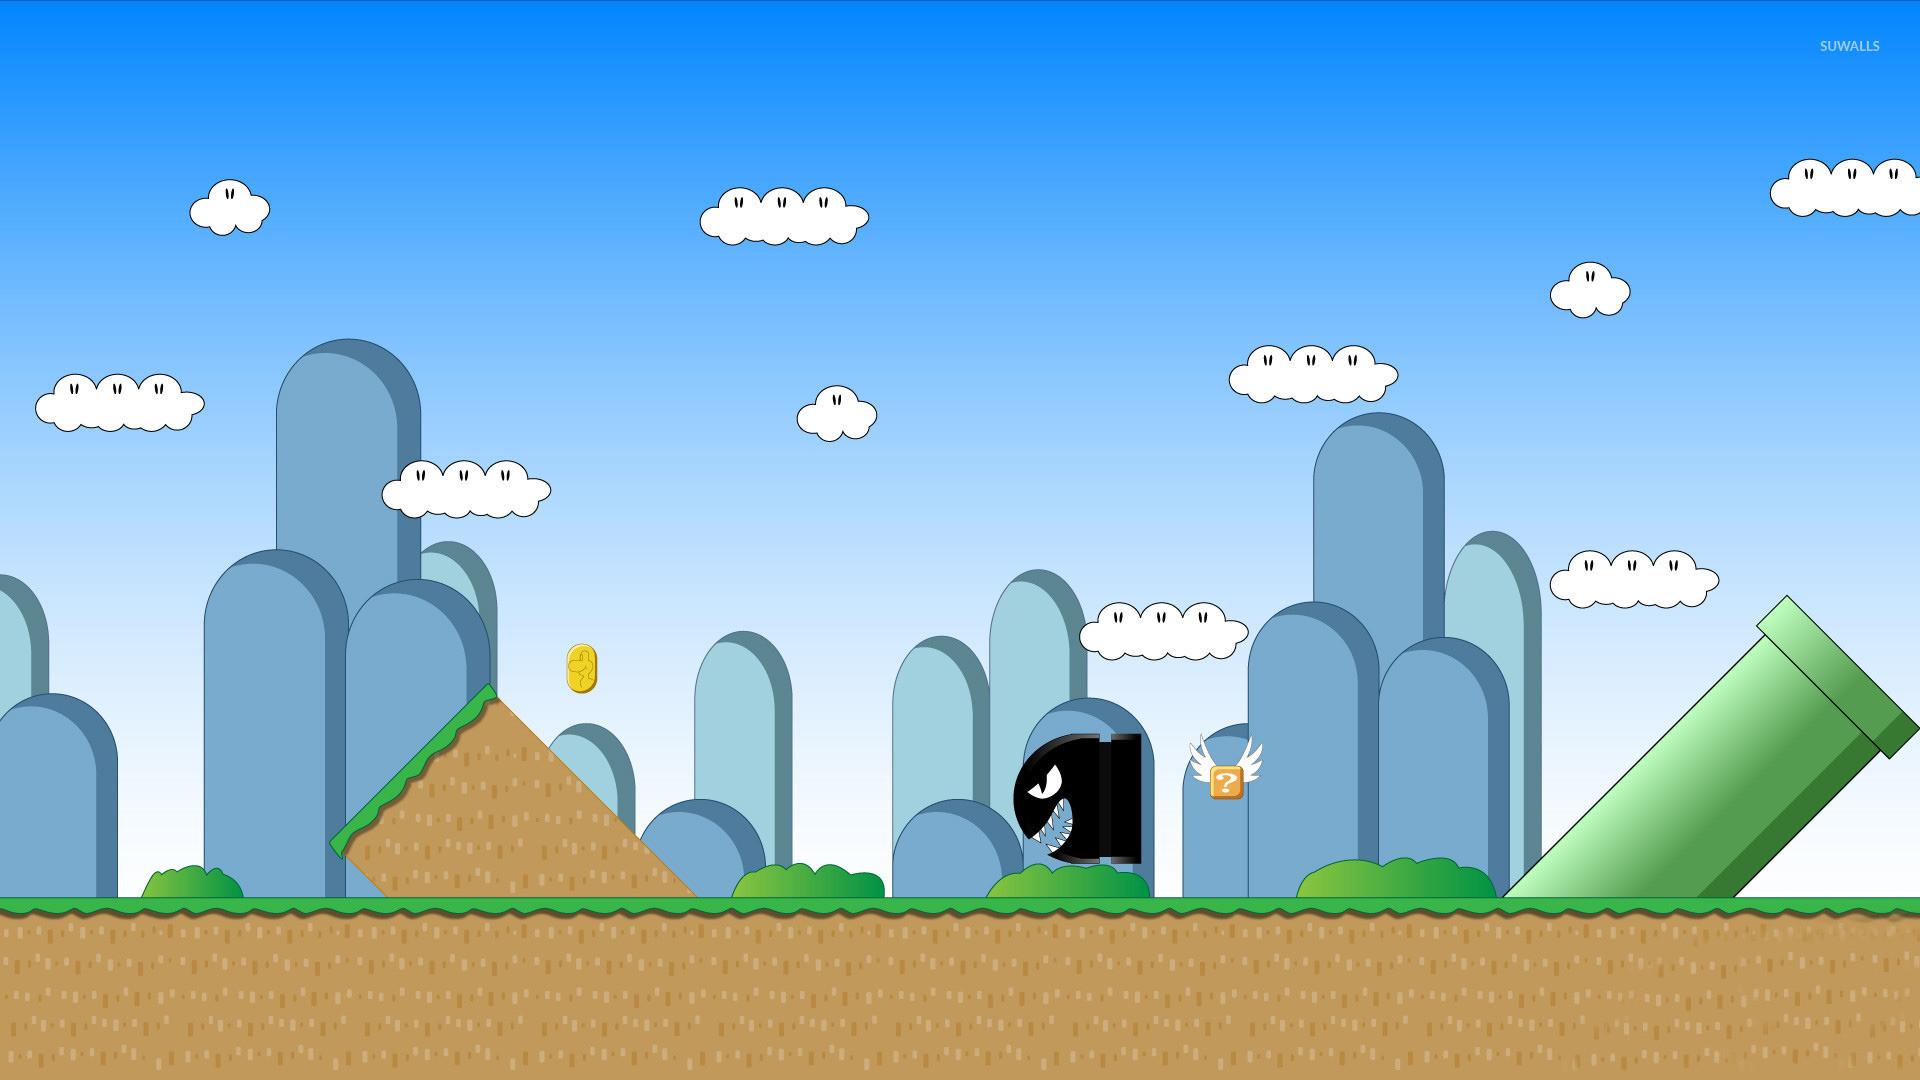 Super Mario World wallpaper jpg